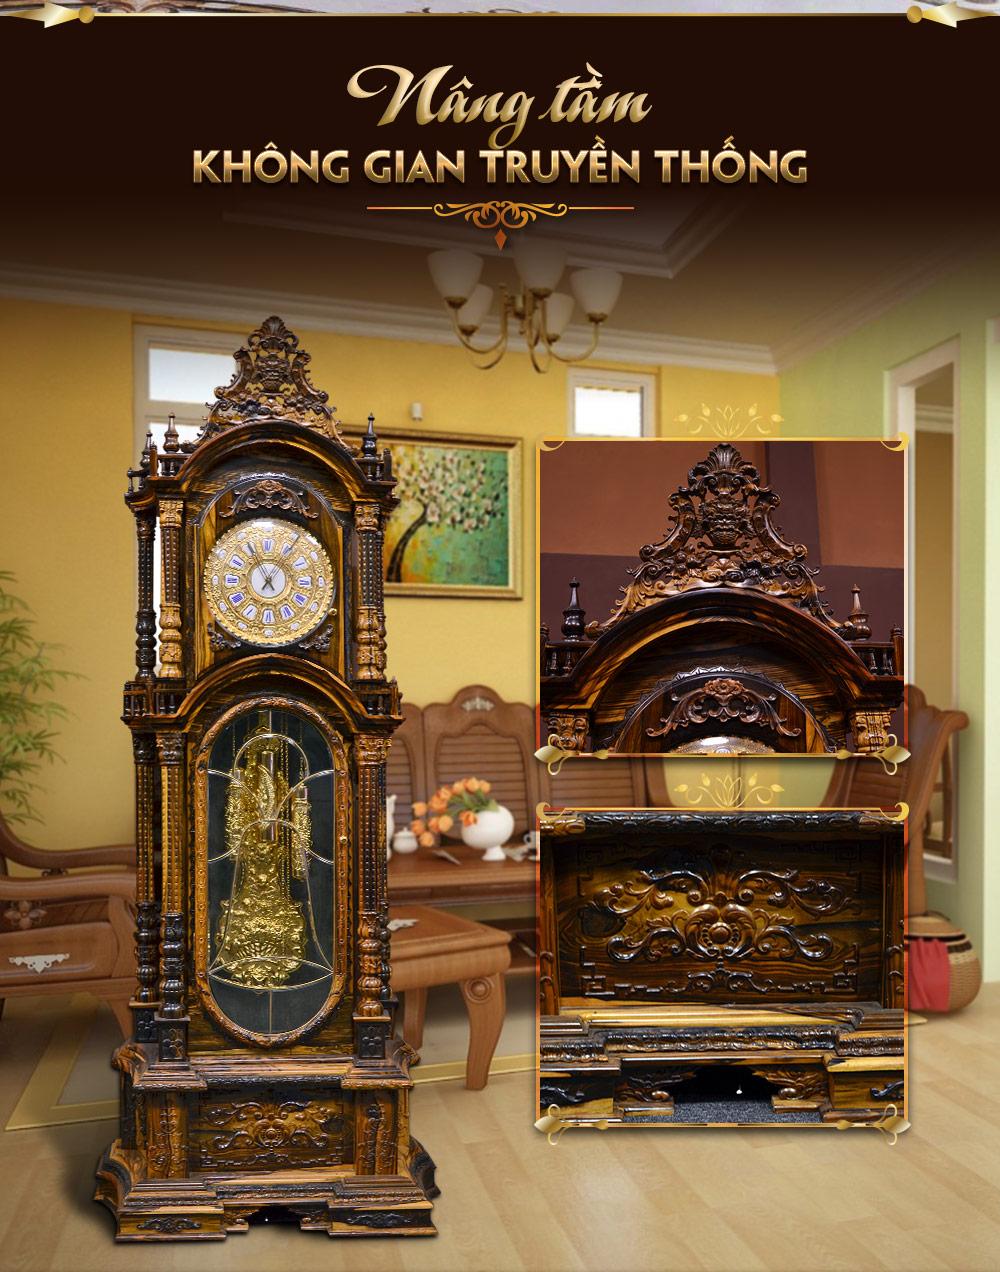 Đồng hồ quả tạ cổ Pháp DH27 gỗ mun hoa nhập khẩu